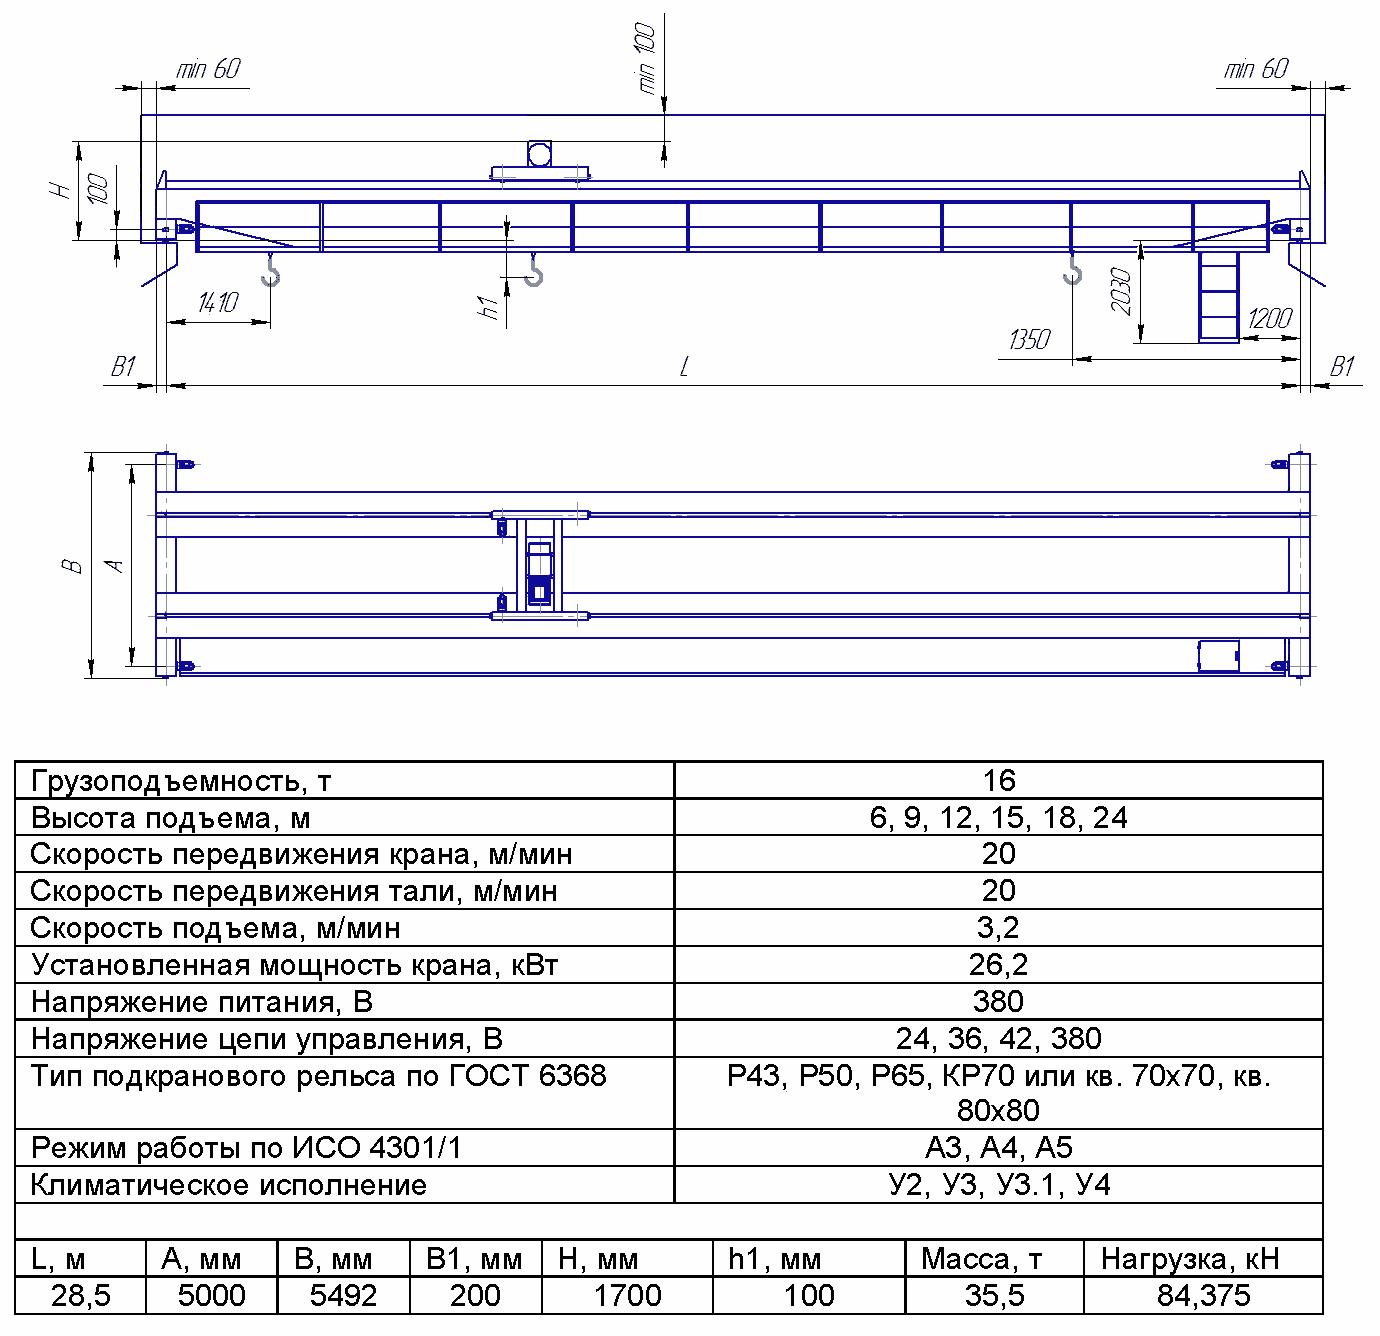 KMON 4 7 - Опорный мостовой кран общего назначения